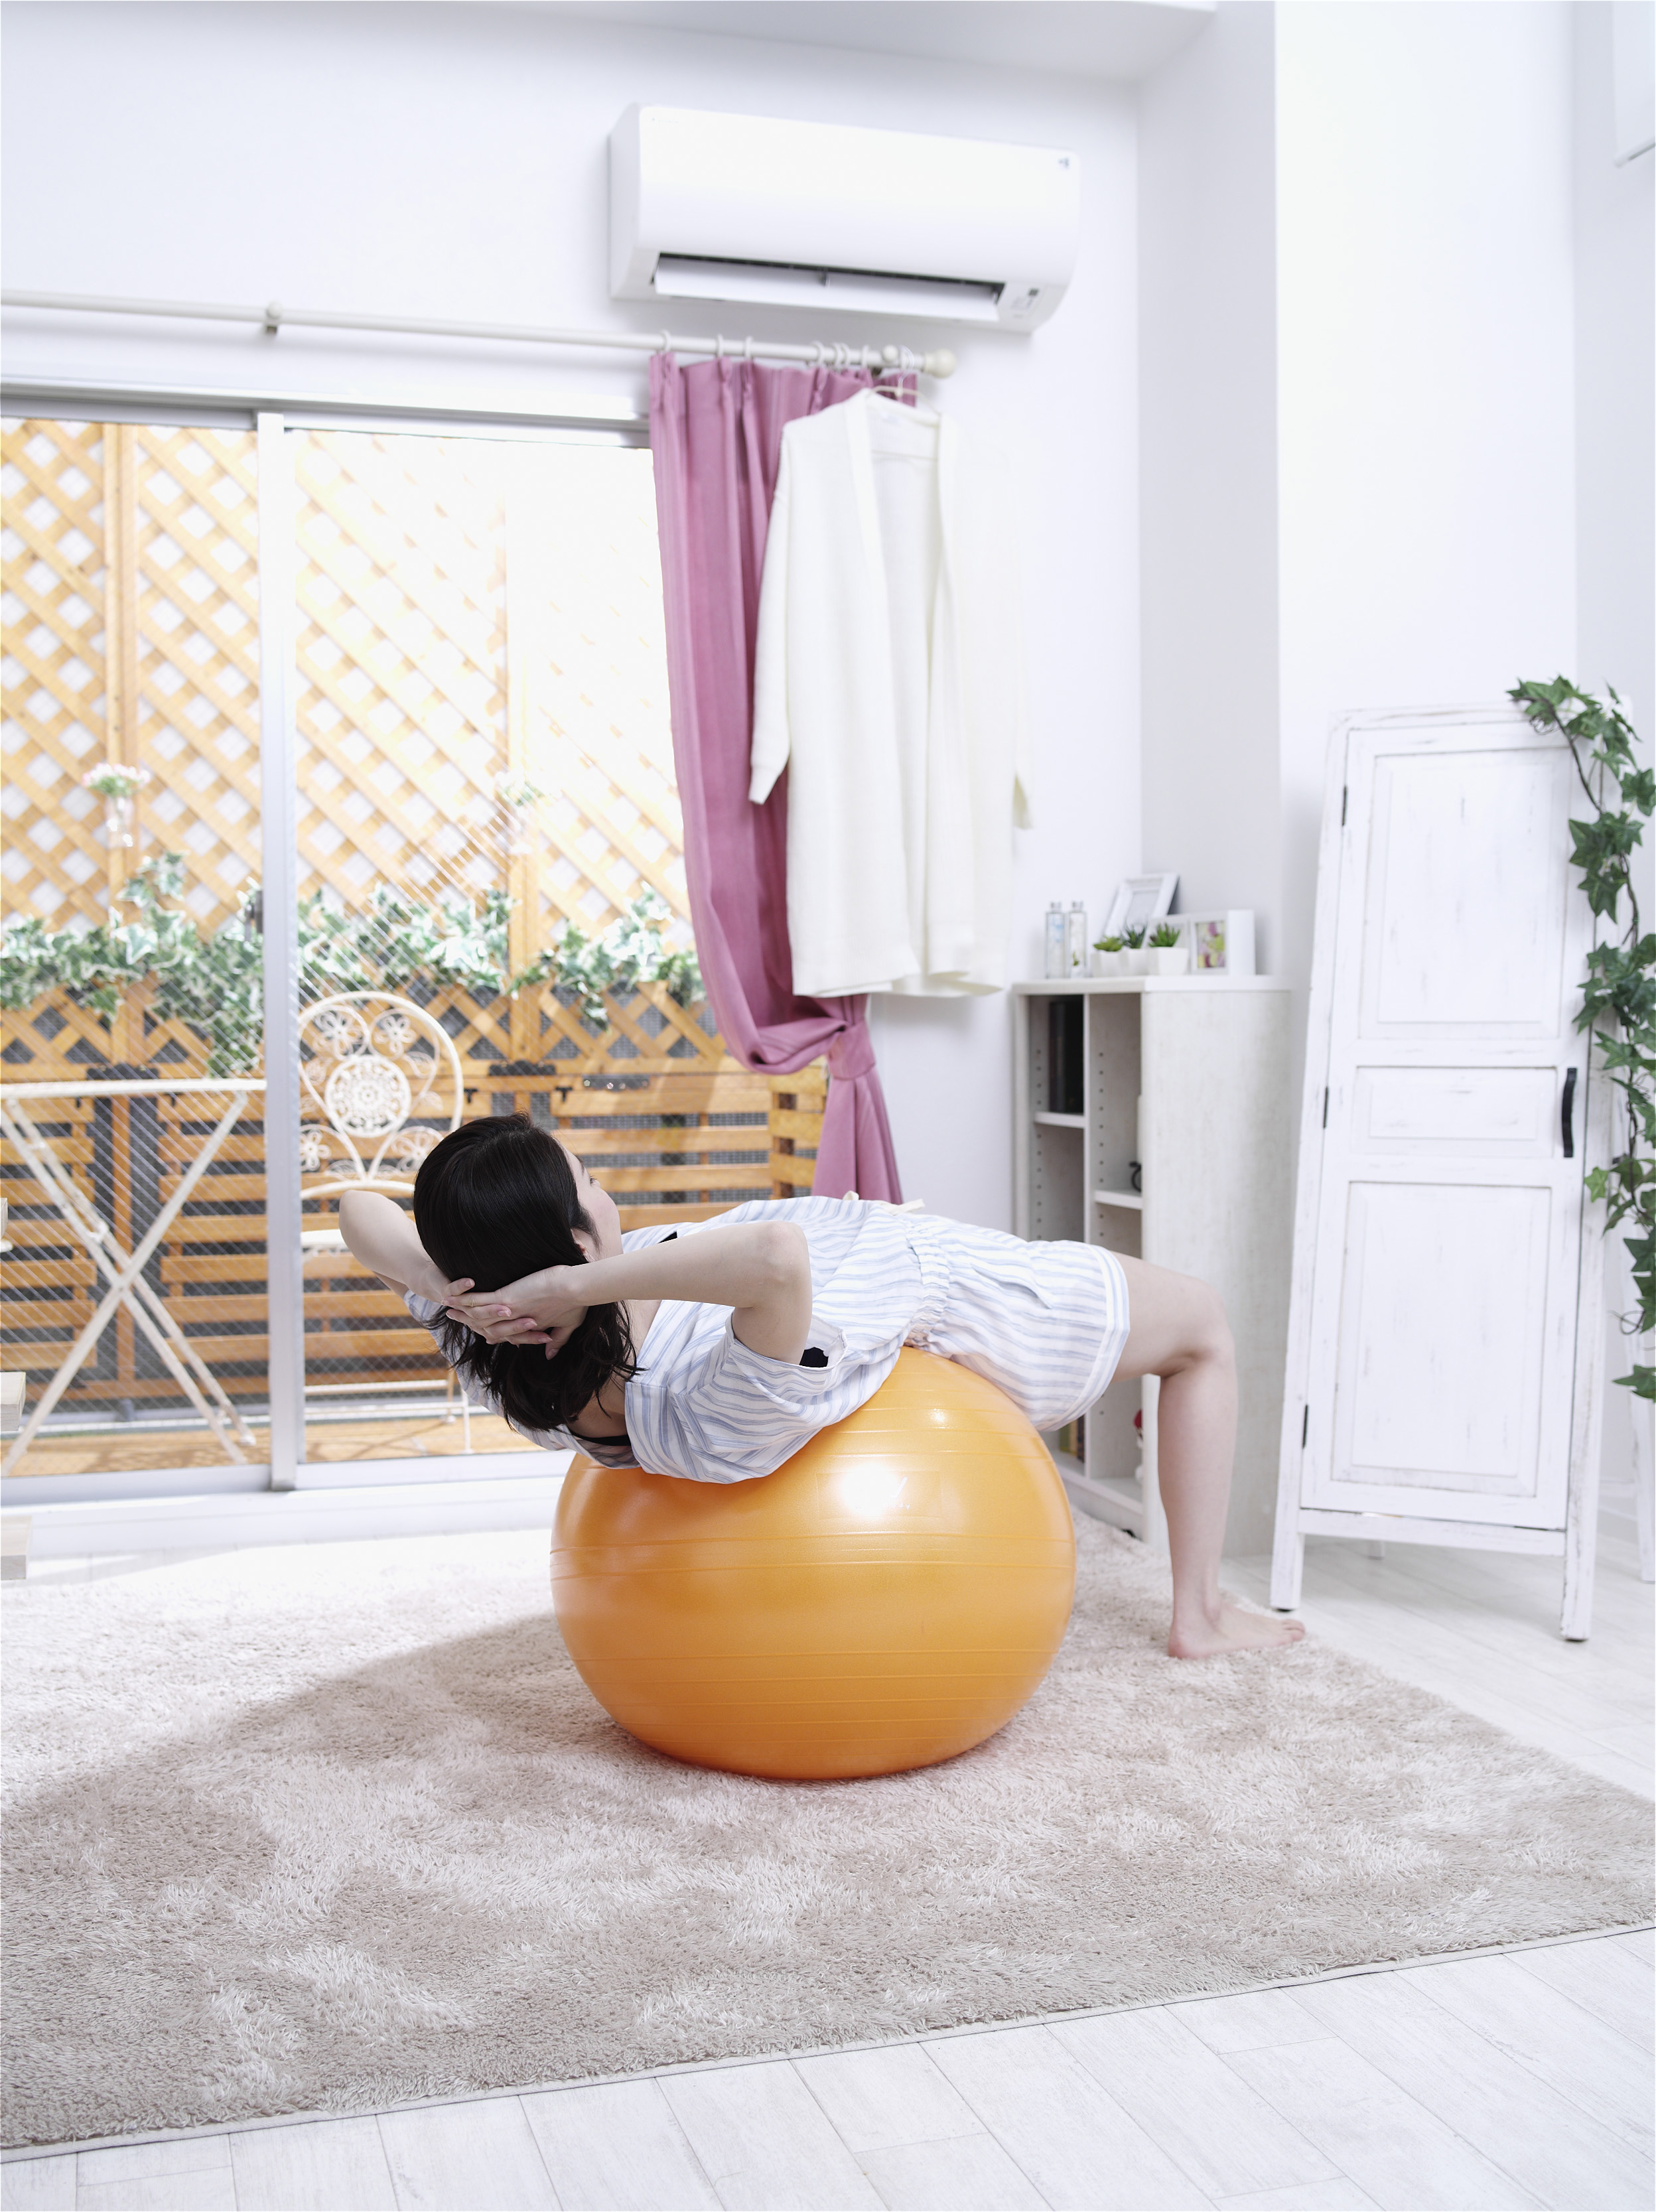 【アルインコ】エクササイズボール 55cm 球径約55cm オレンジ